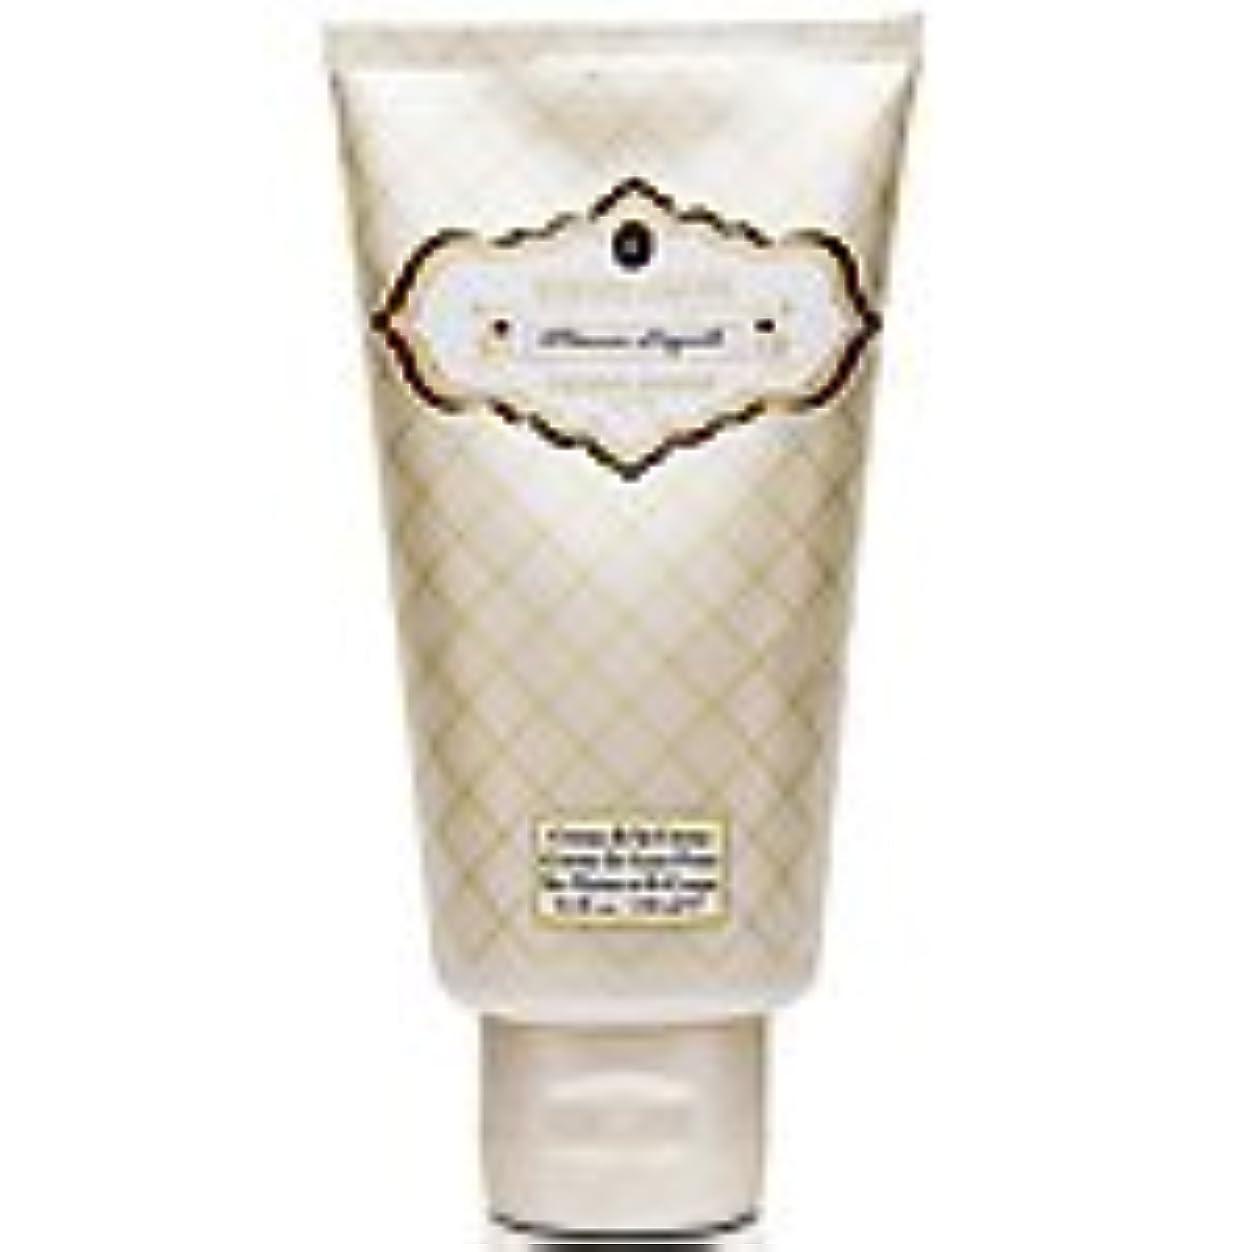 自己クランプ木Memoire Liquide Reserve - Encens Liquide (メモワールリキッドリザーブ - エンセンスリキッド) 5.1 oz (153ml) Body Cream for Unisex